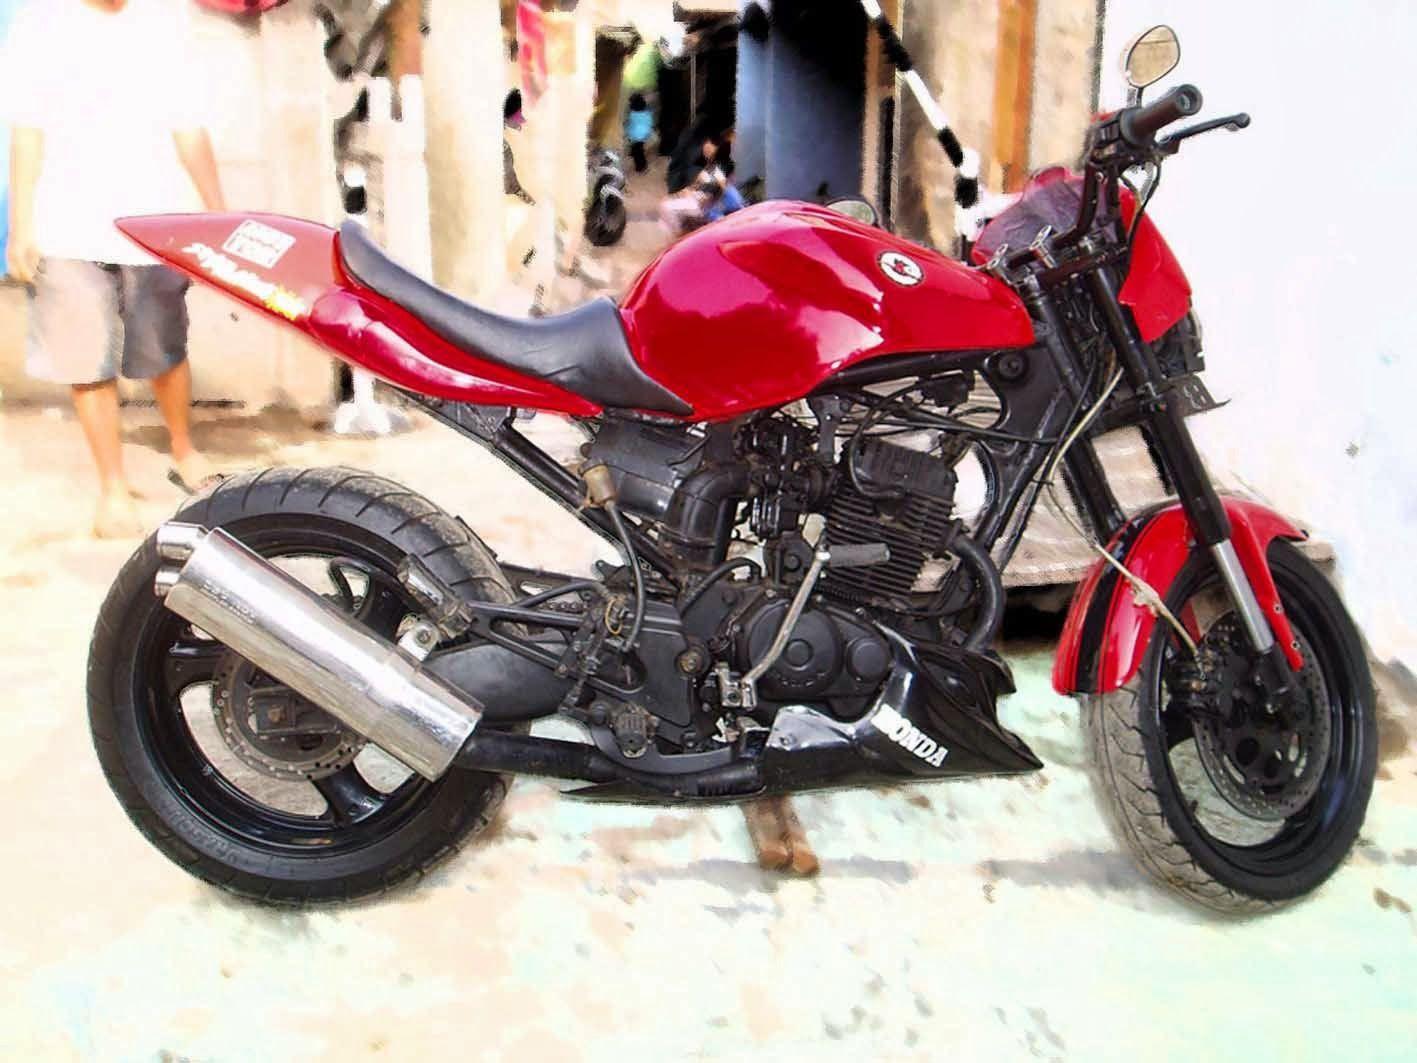 Foto modifikasi motor honda tiger agar tampak kekar